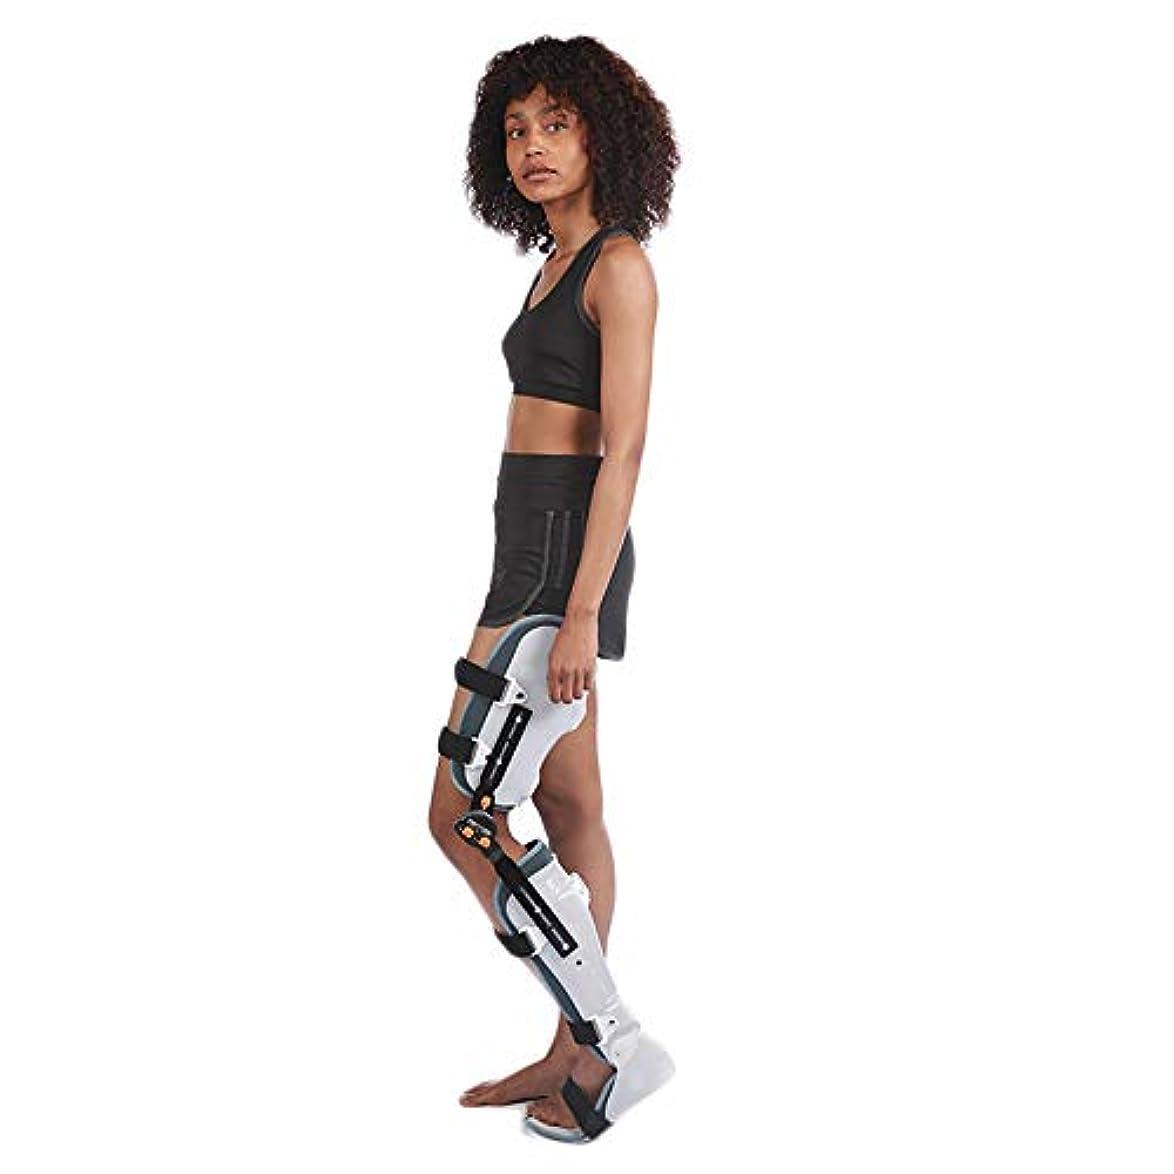 宿泊郵便やりすぎ膝足首足装具、調節可能な長短脂肪の薄い膝ふくらはぎ術後固定リハビリテーションブレースブラケット